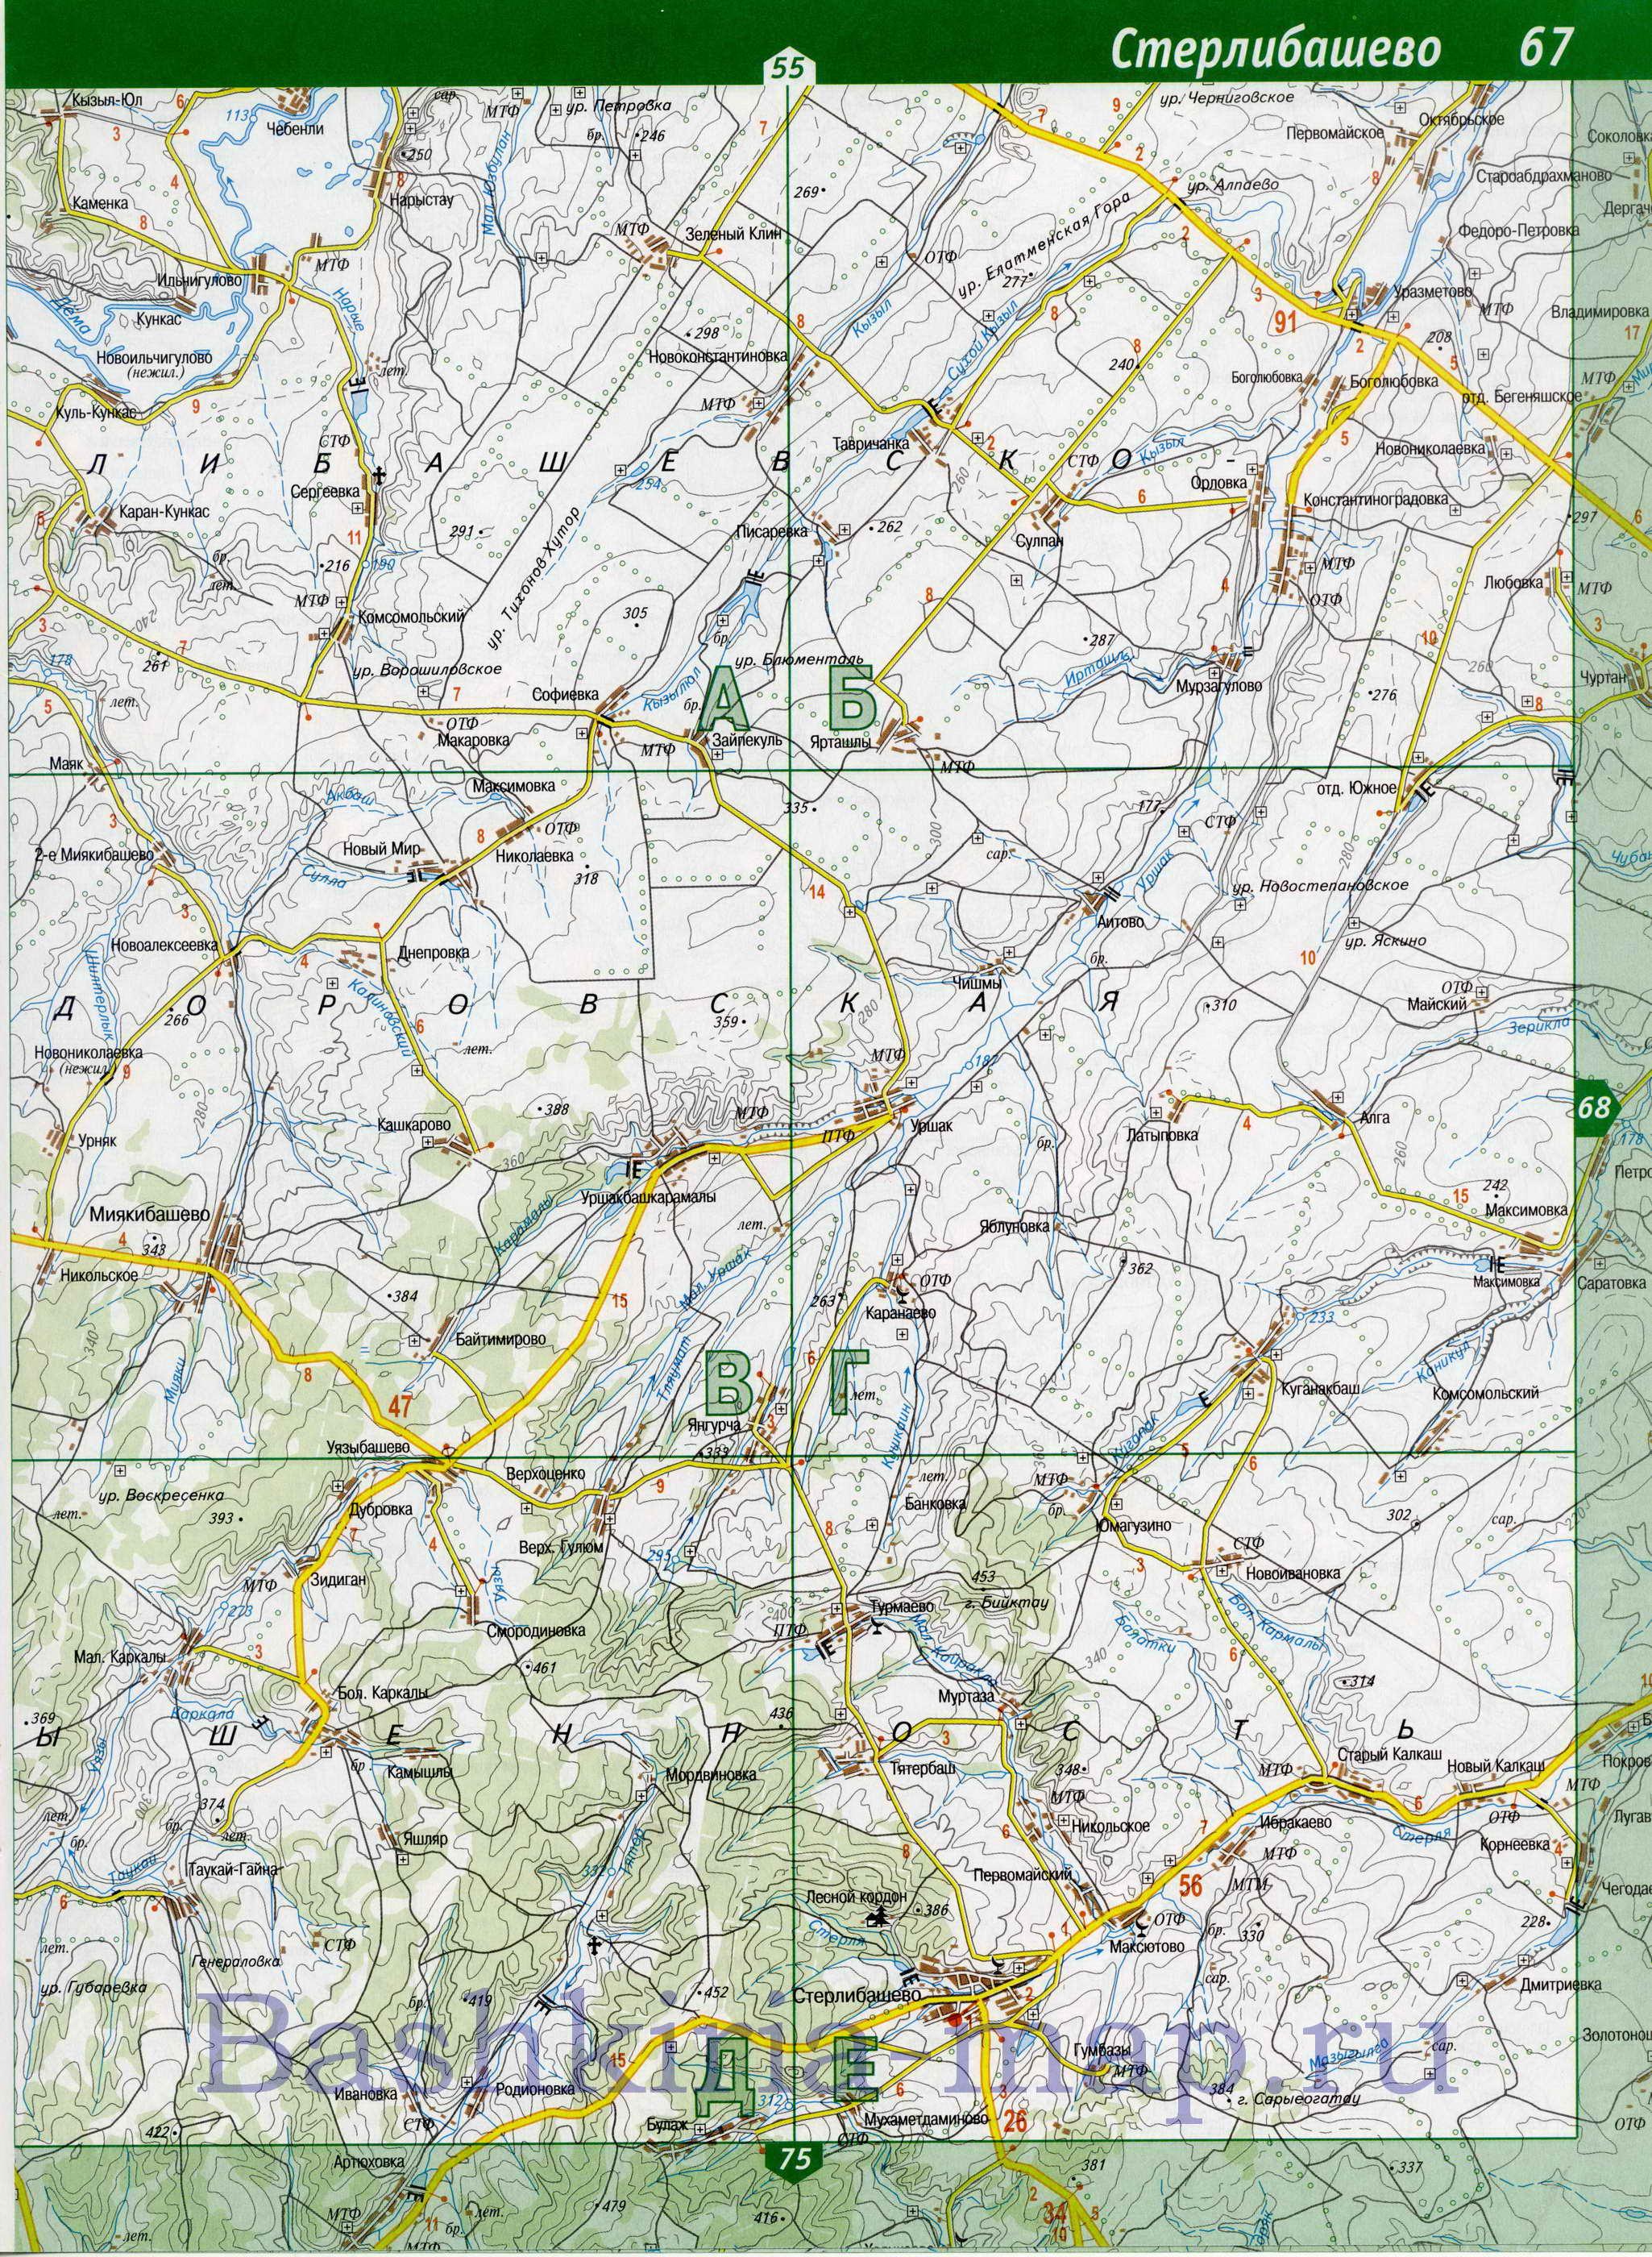 схема-карта стерлитамака